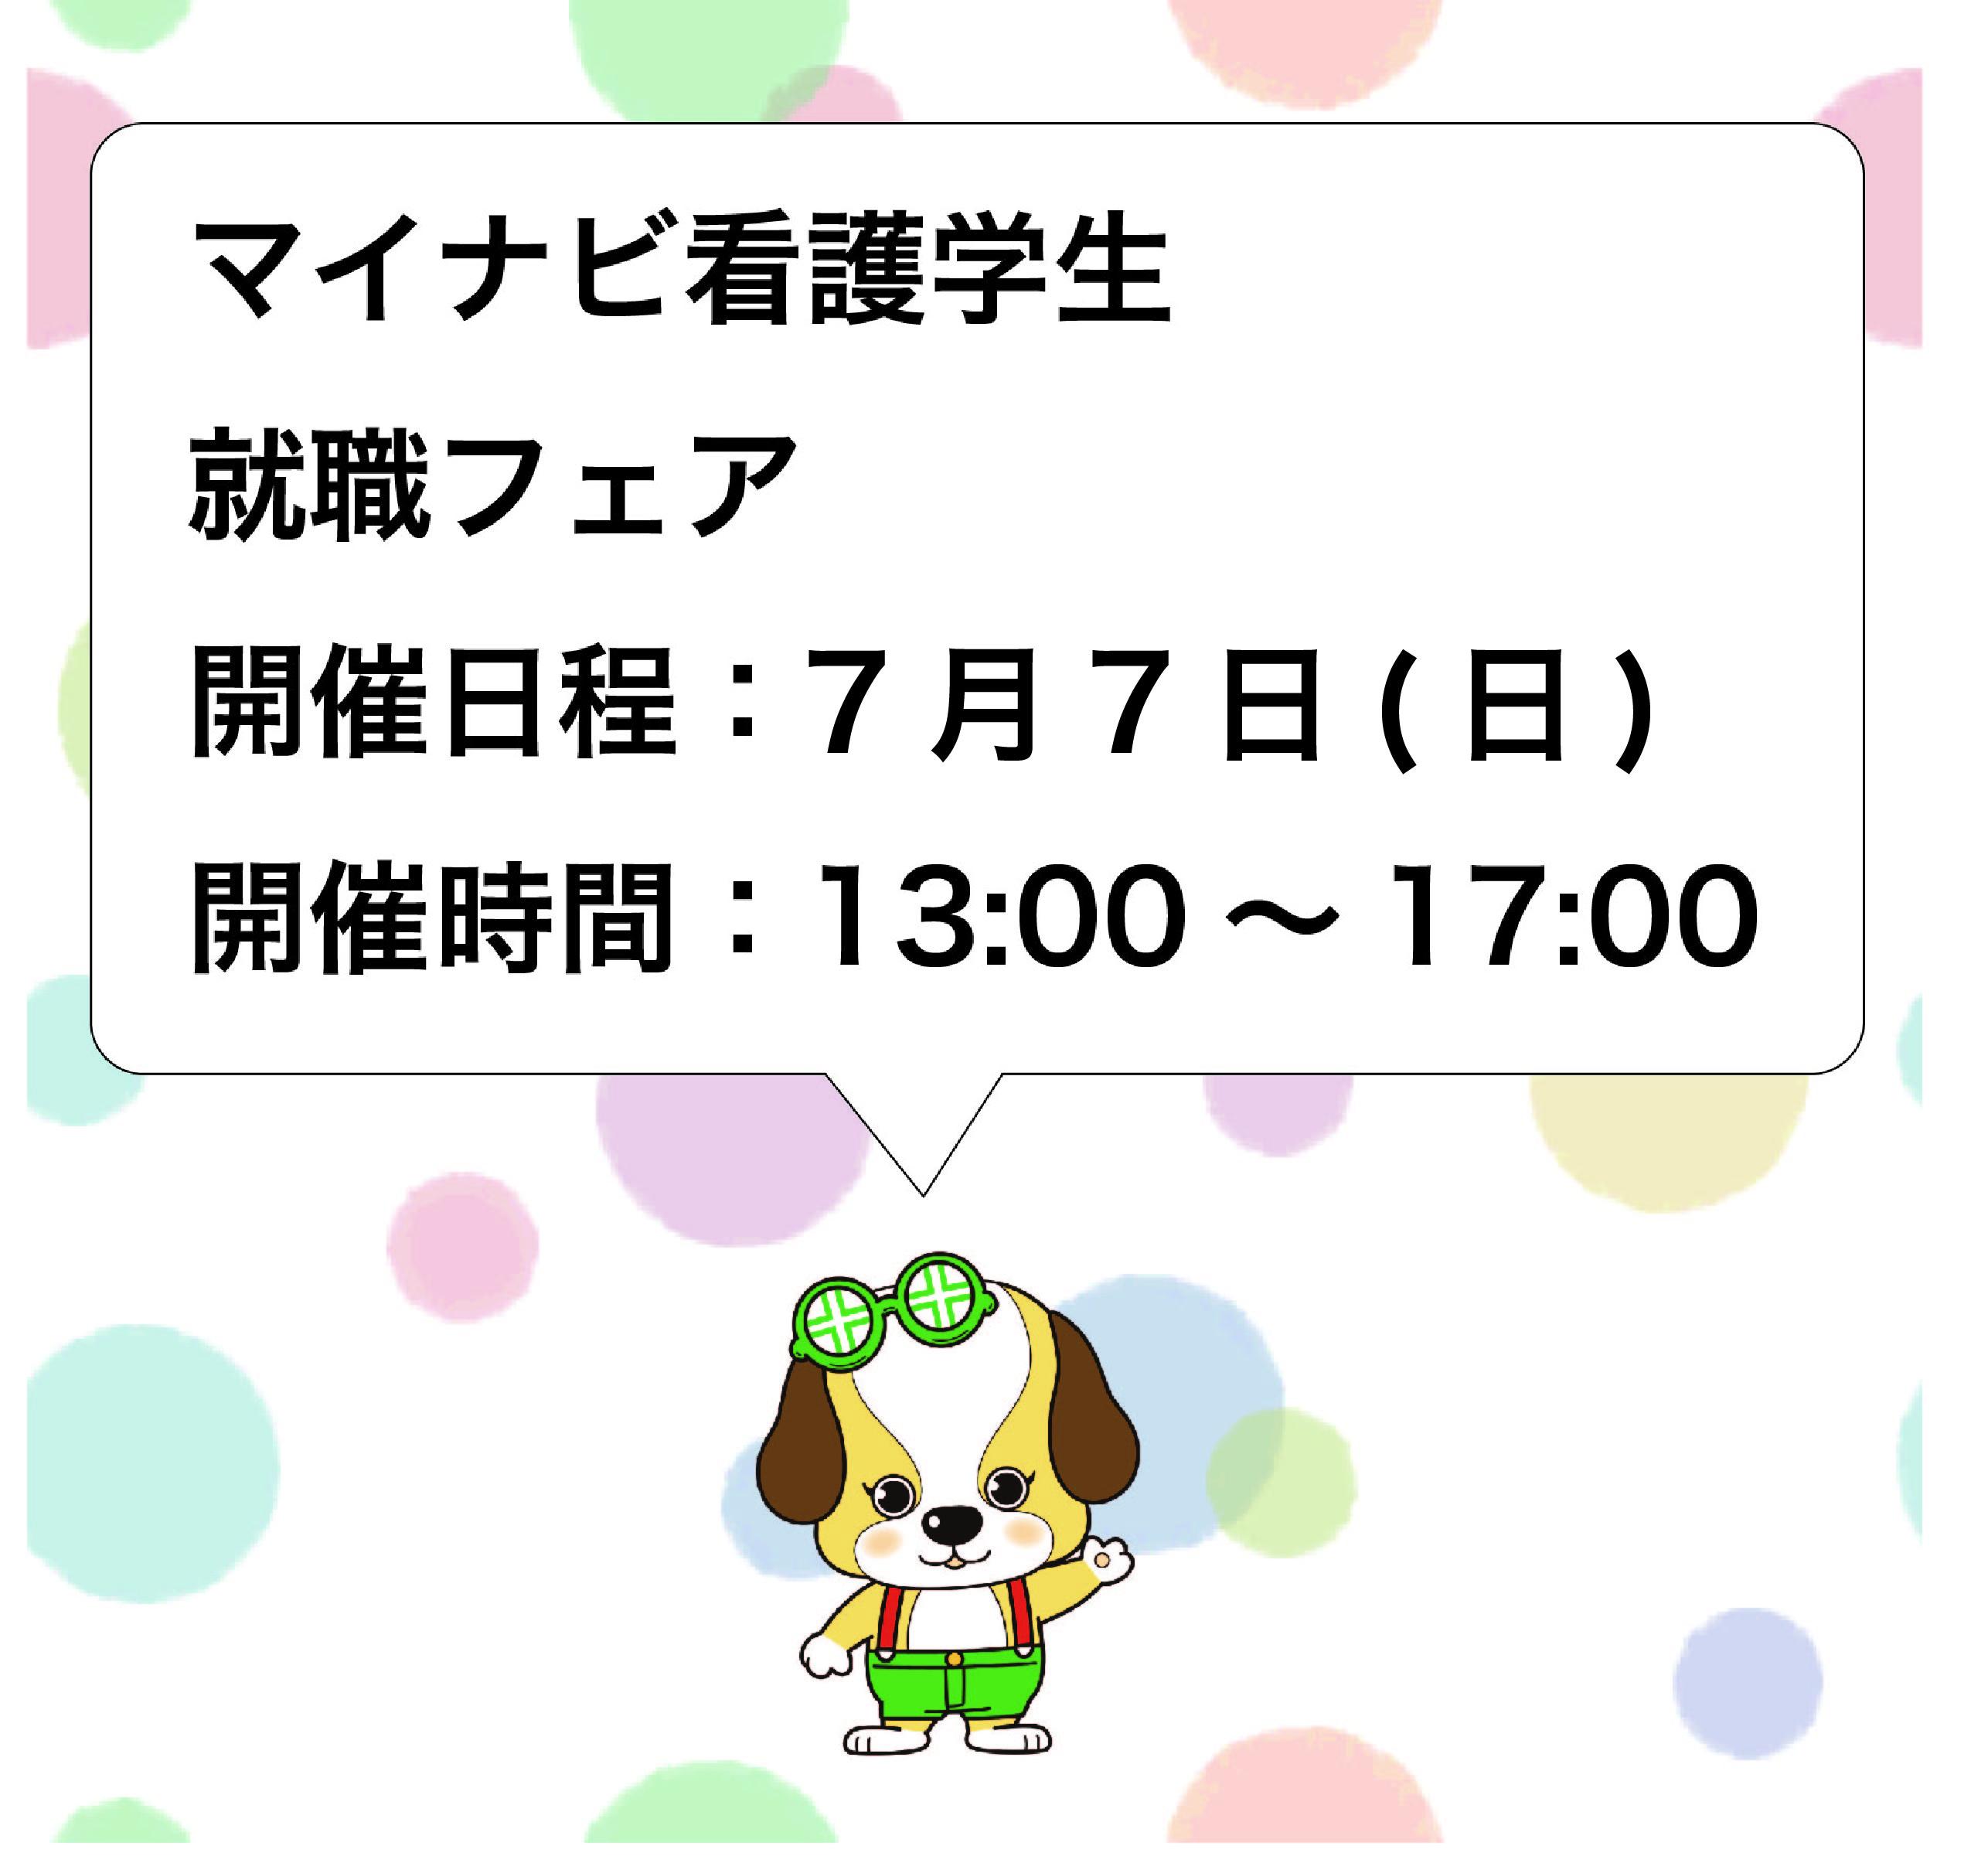 【7月7日(日)予告】マイナビ看護学生就職イベント